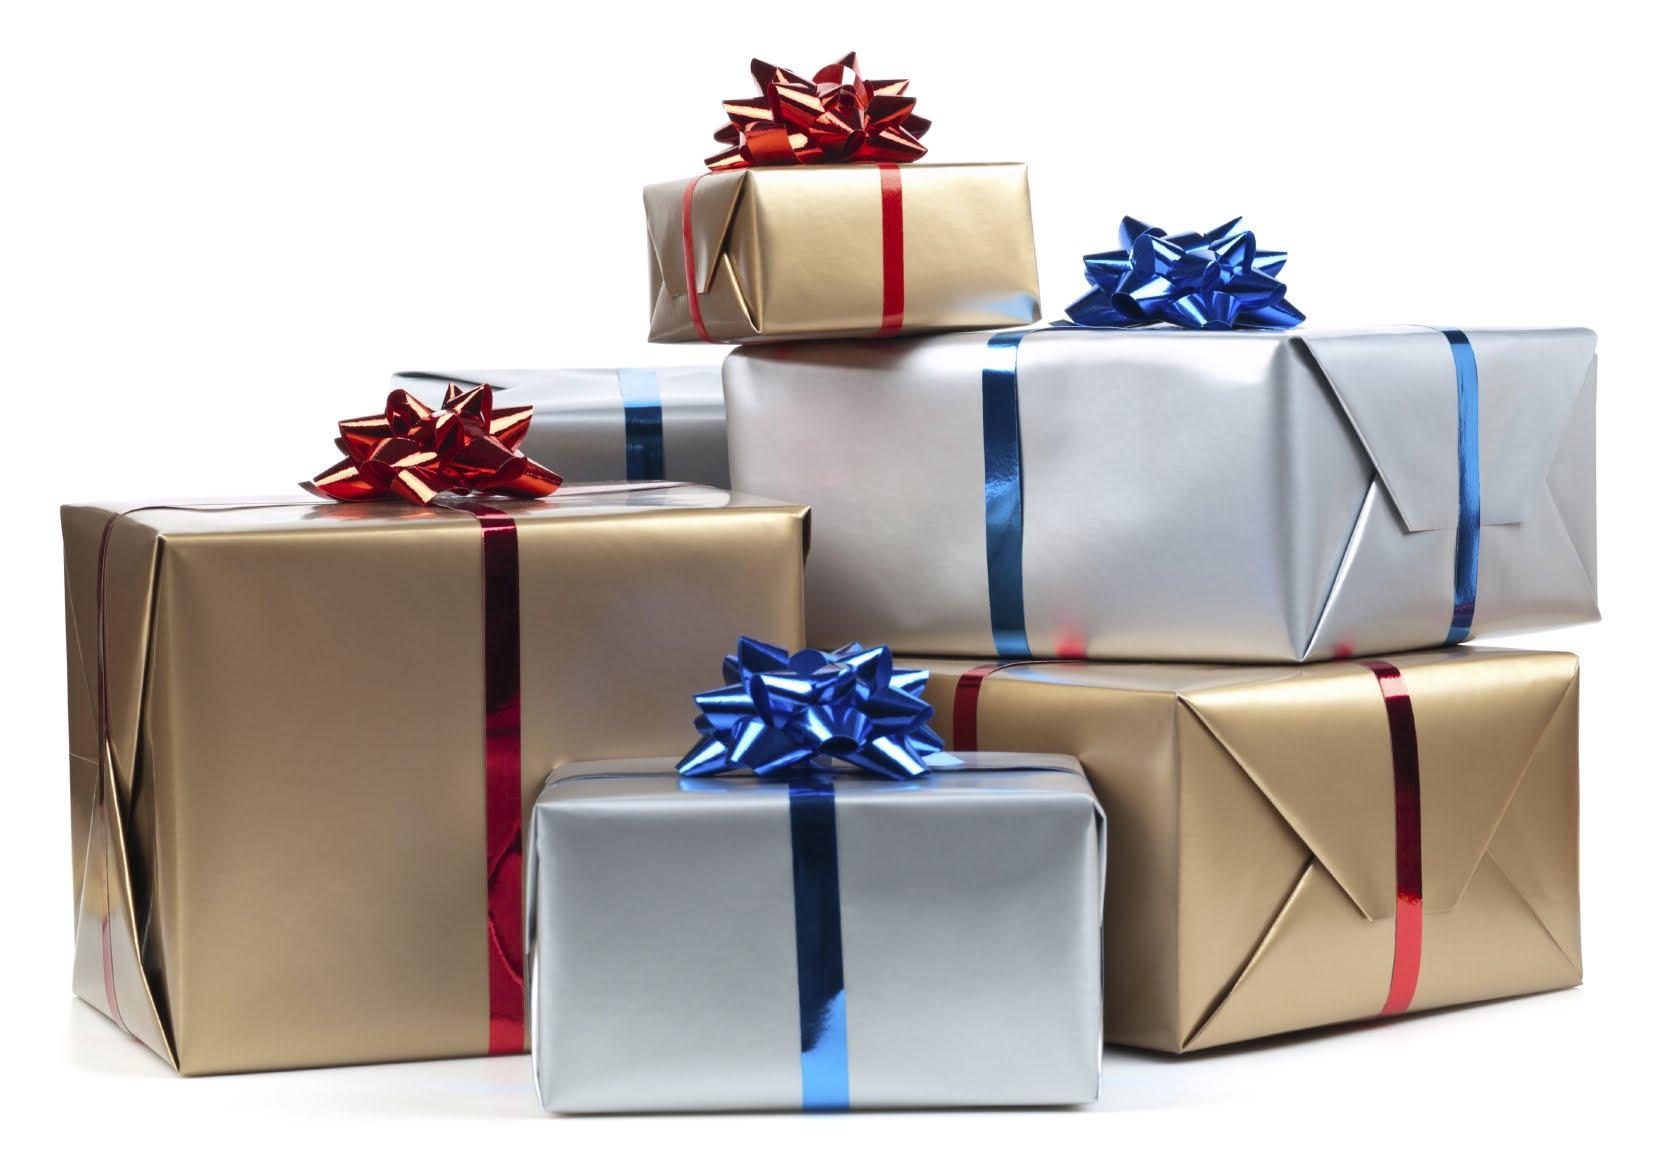 صوره افكار هدايا عيد الميلاد